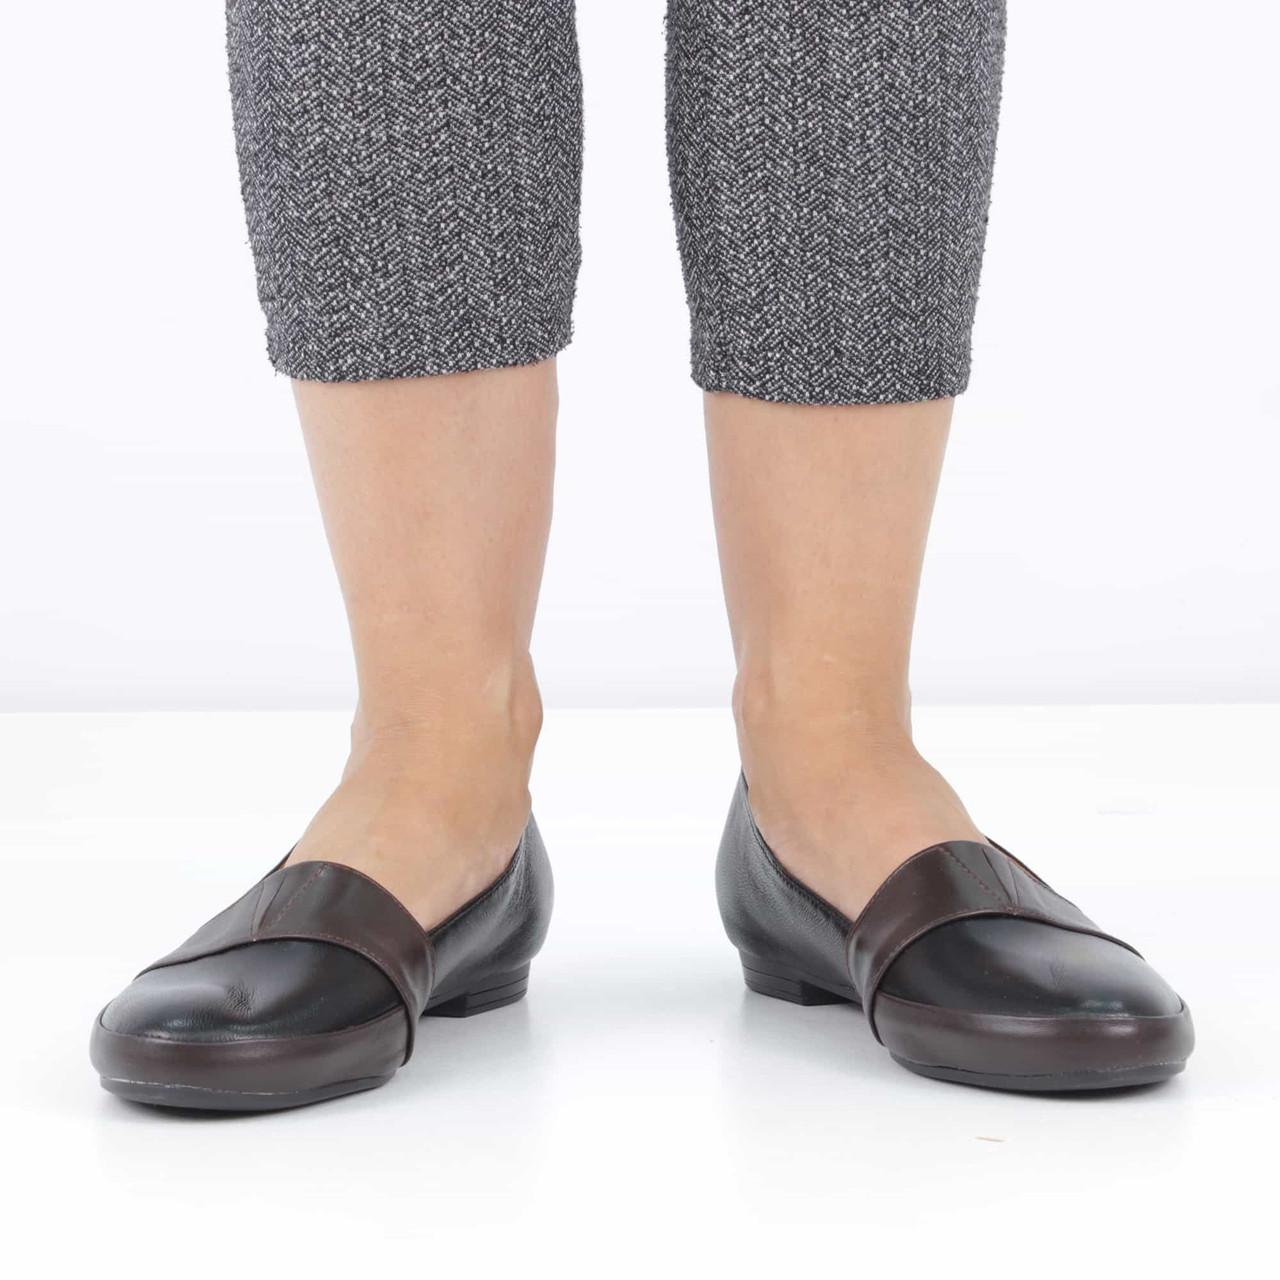 3c27d7e77 Кожаные темно-коричневые туфли (весна-осень), 37 размер, код UT81507 ...